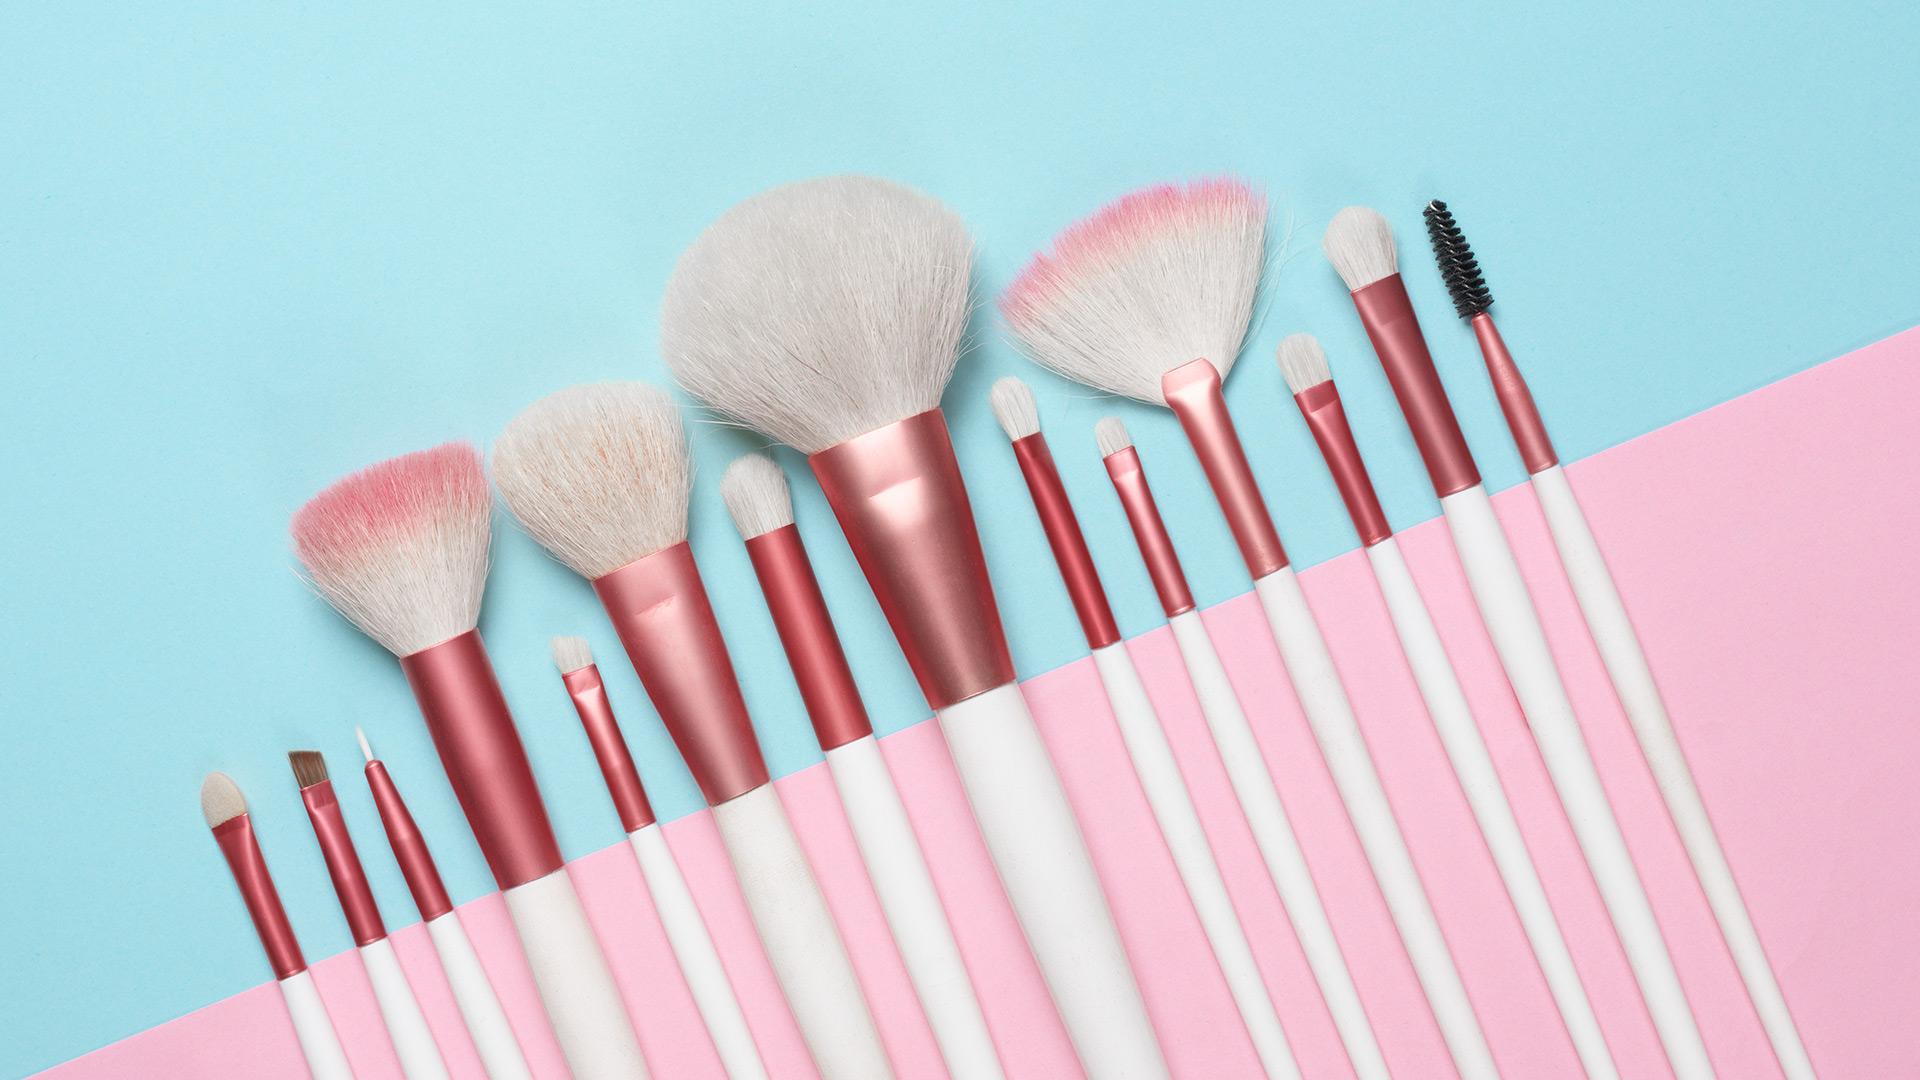 makeup brushes hd wallpaper 68224